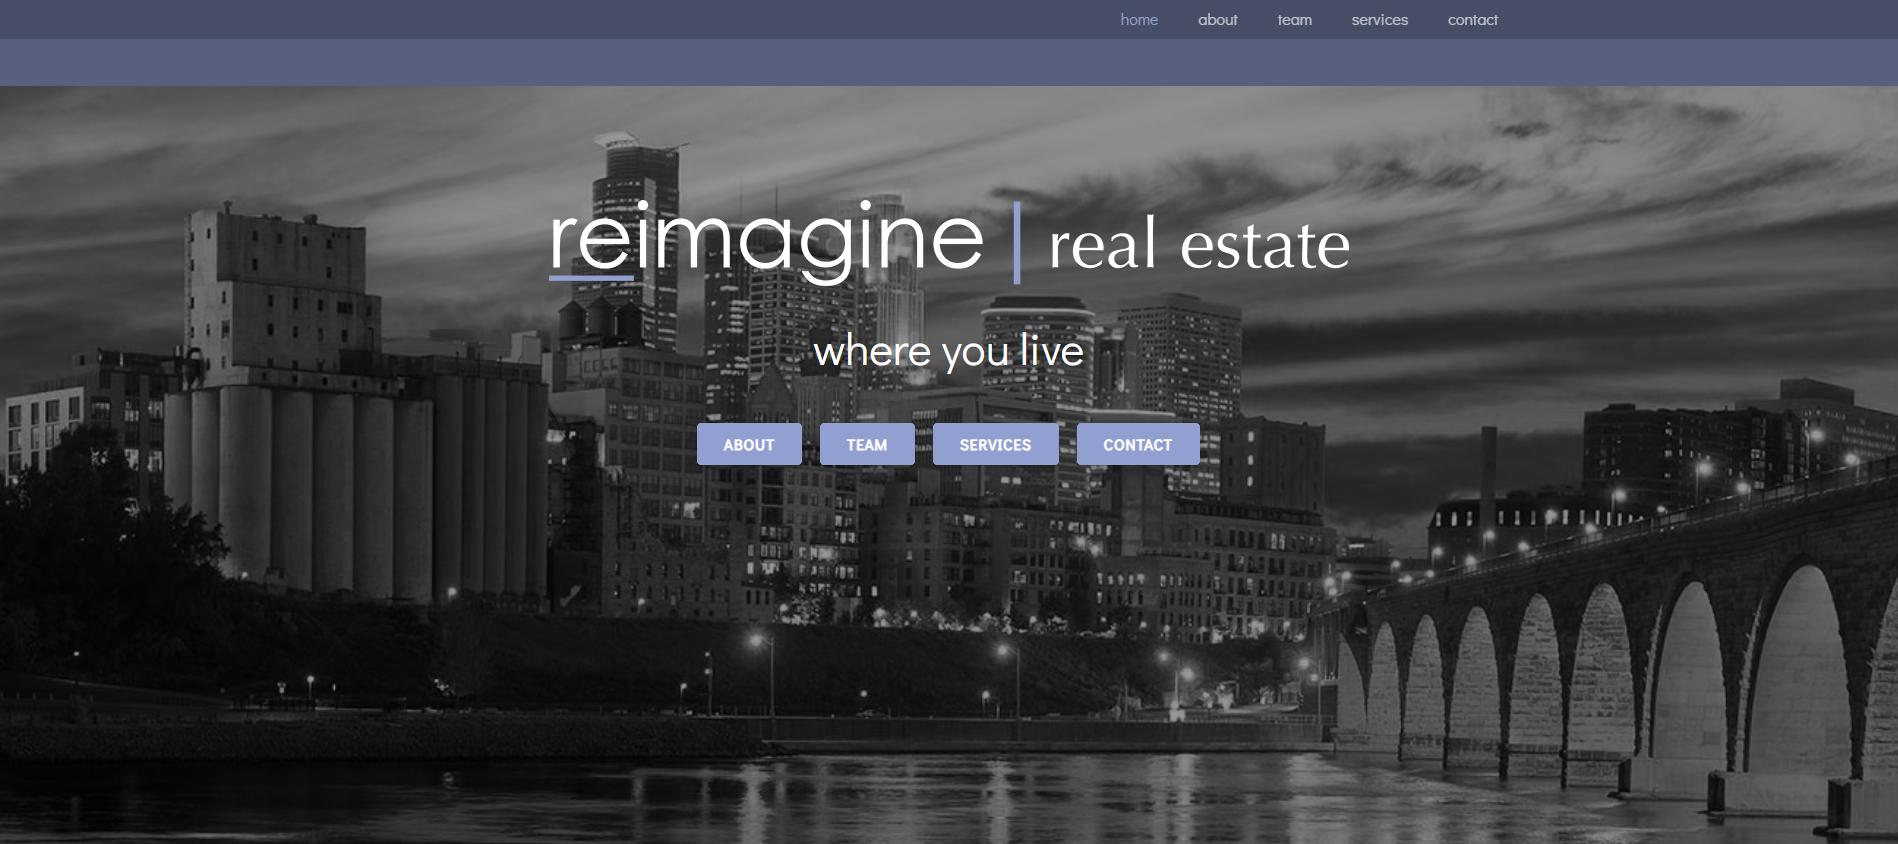 reimagine real estate